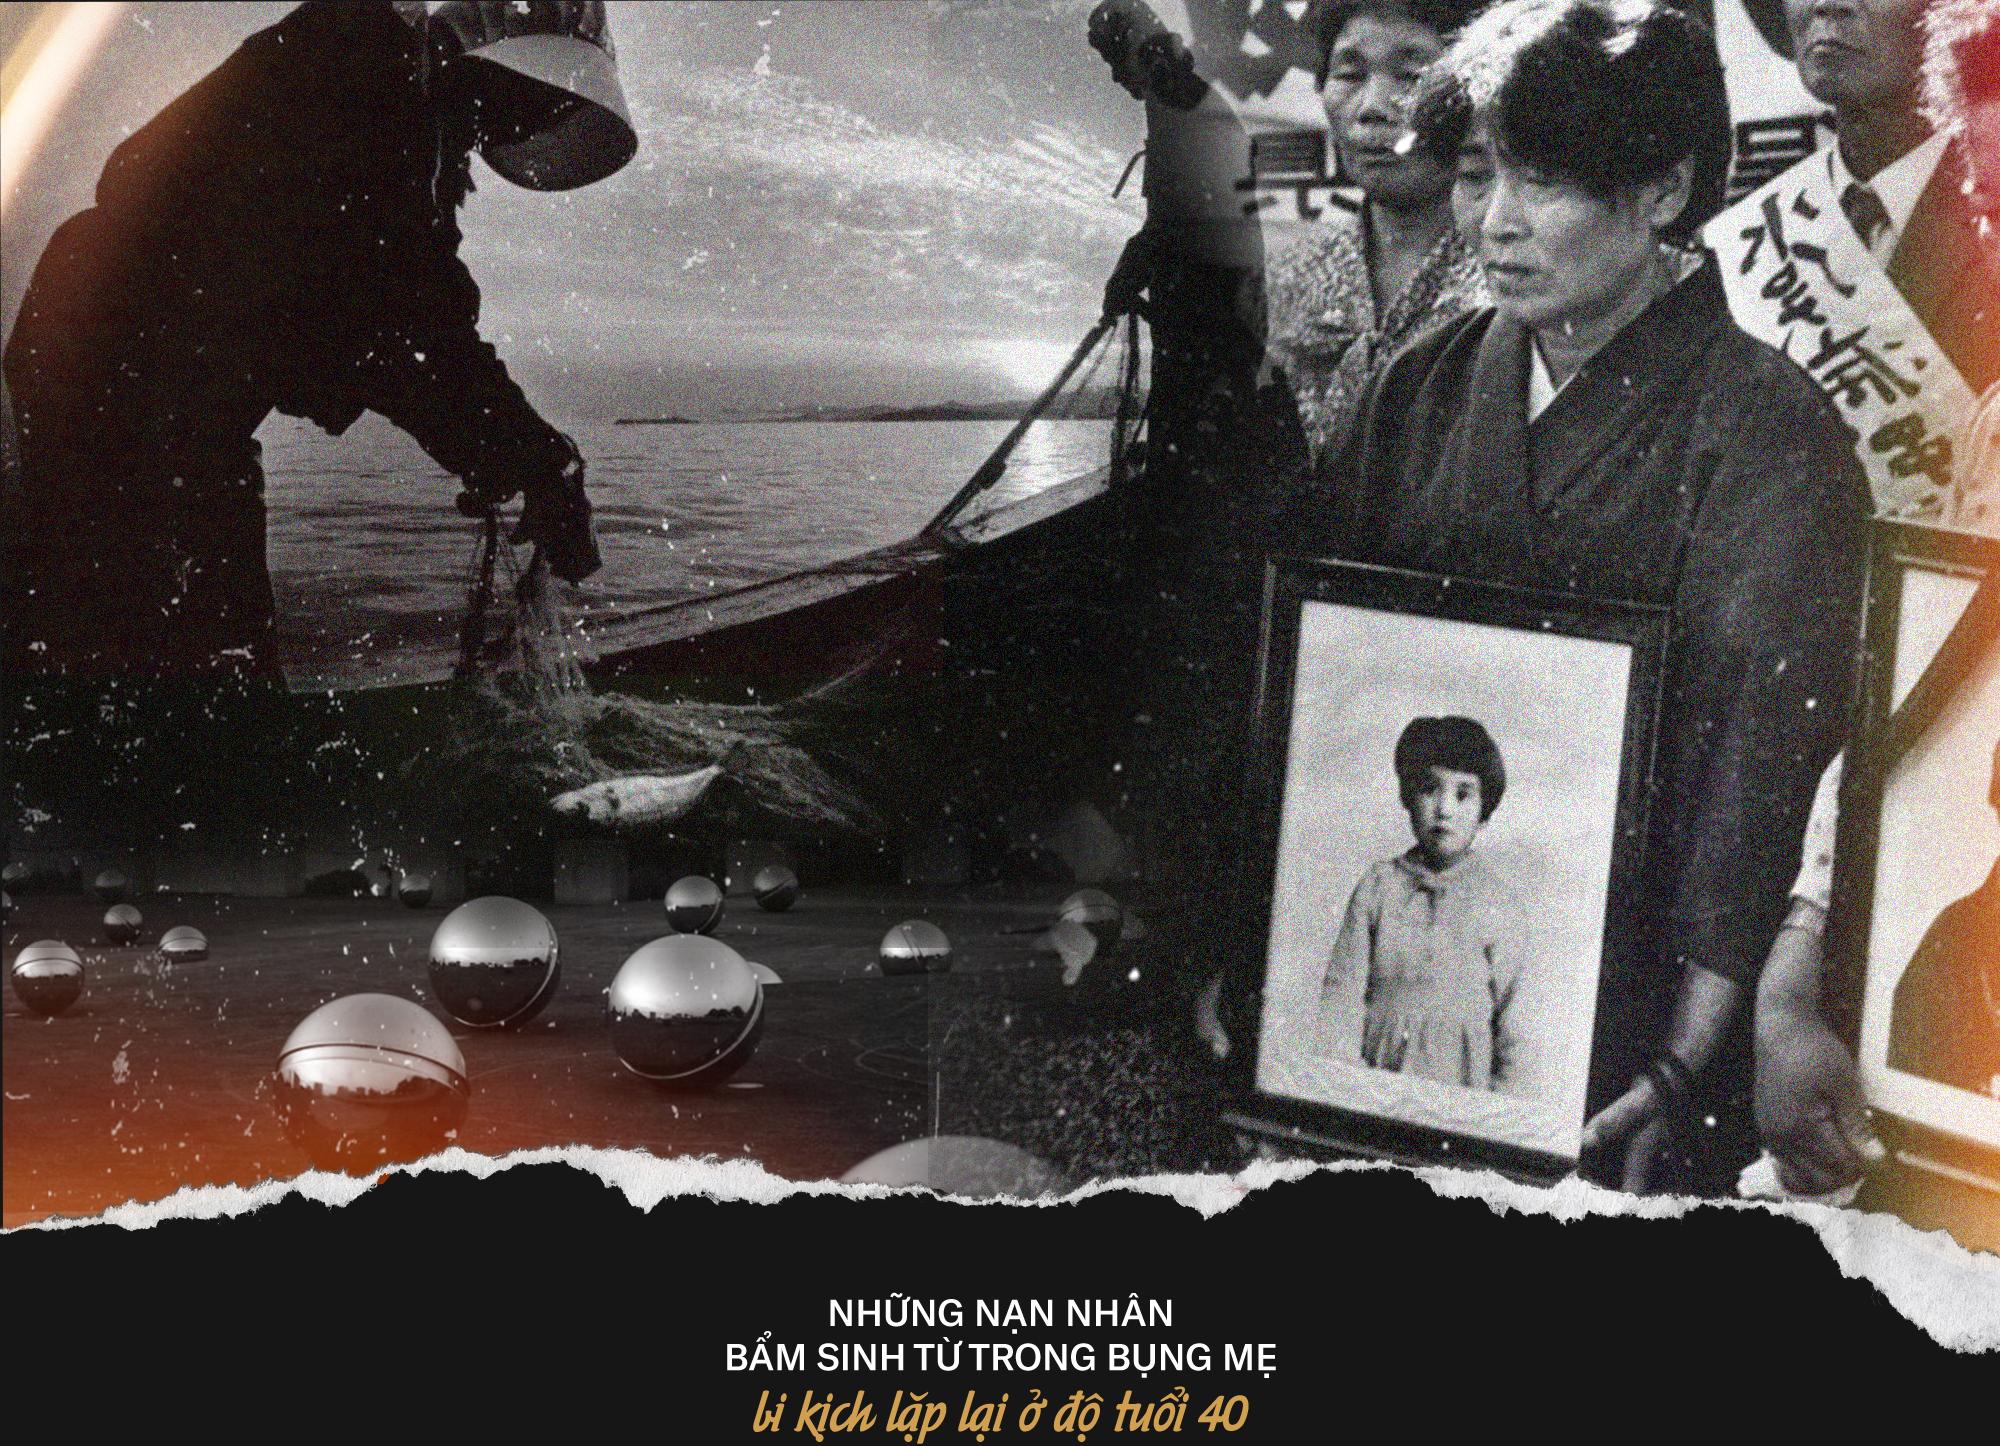 Minamata - căn bệnh từ thảm họa ngộ độc thủy ngân vô tiền khoáng hậu trên thế giới - Ảnh 7.